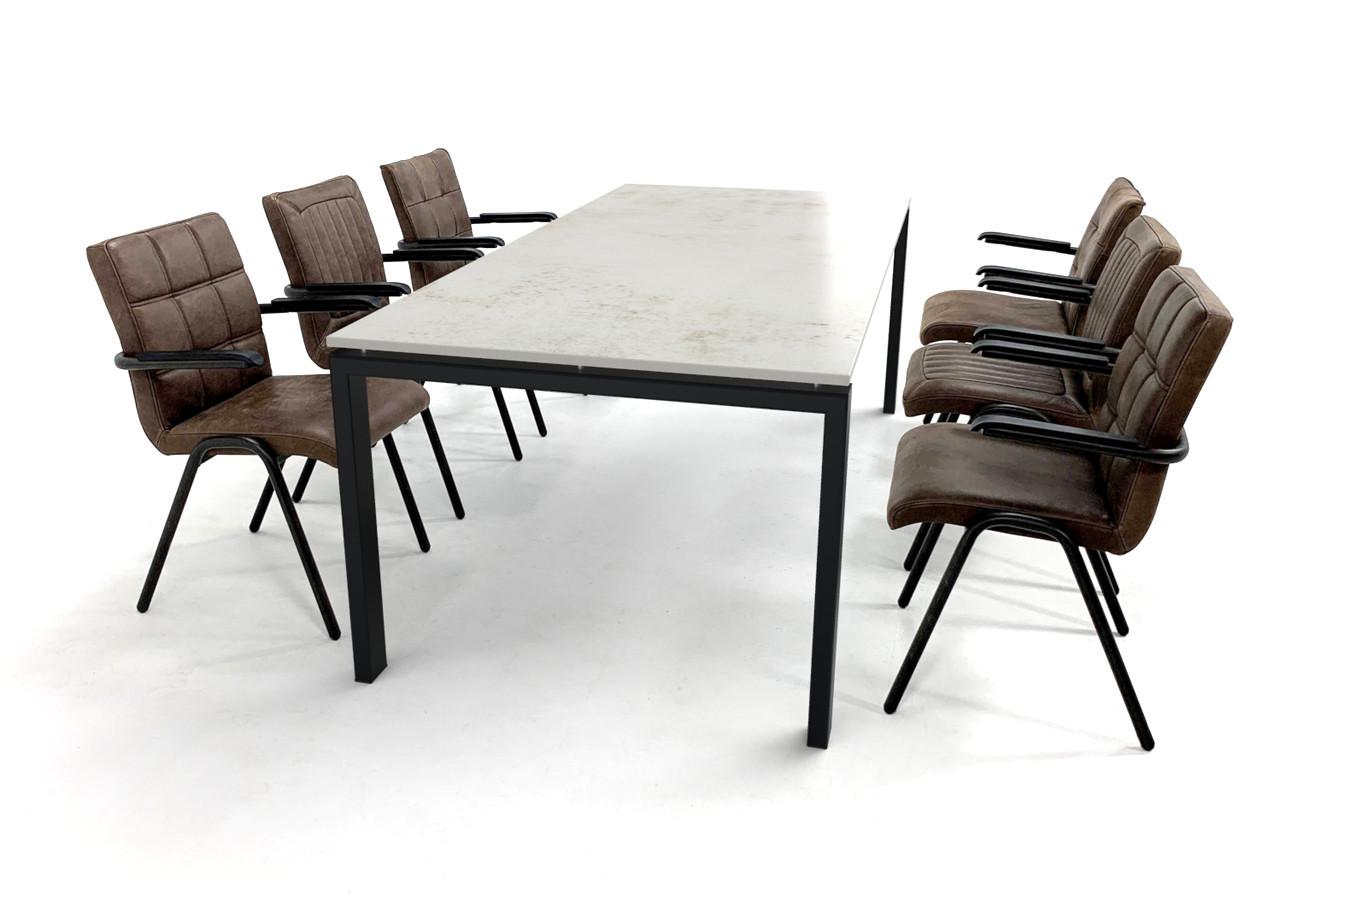 Rechthoekige eettafel set met Dekton blad, stalen onderstel en lederen armstoelen